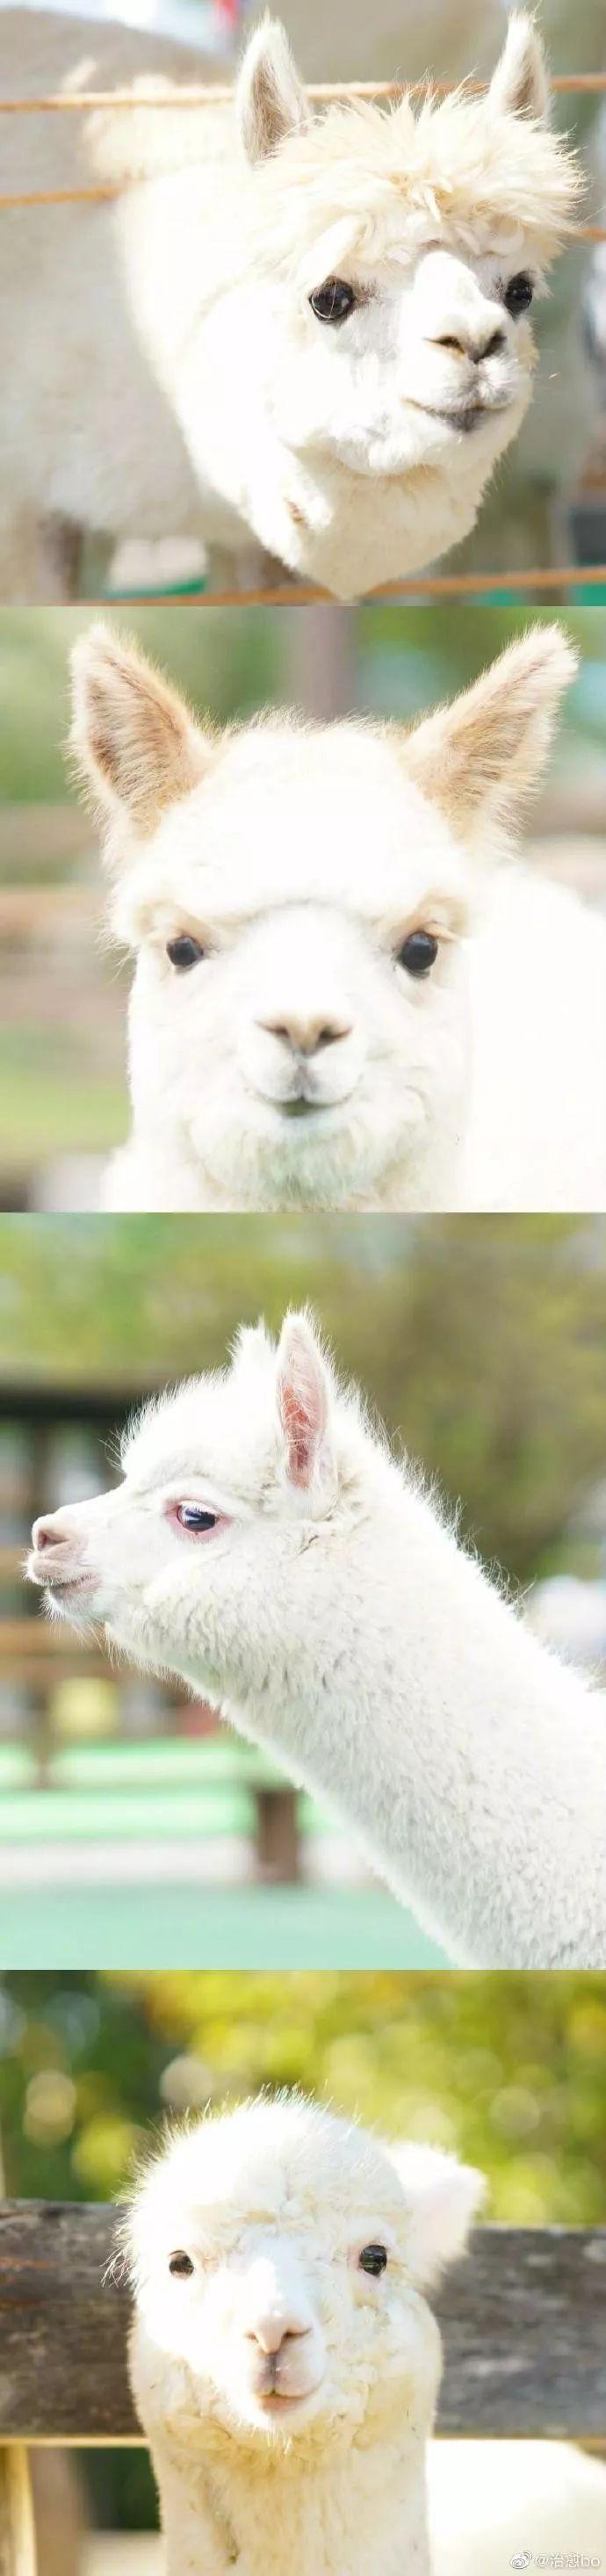 羊驼也超级可爱的呢,太治愈了...